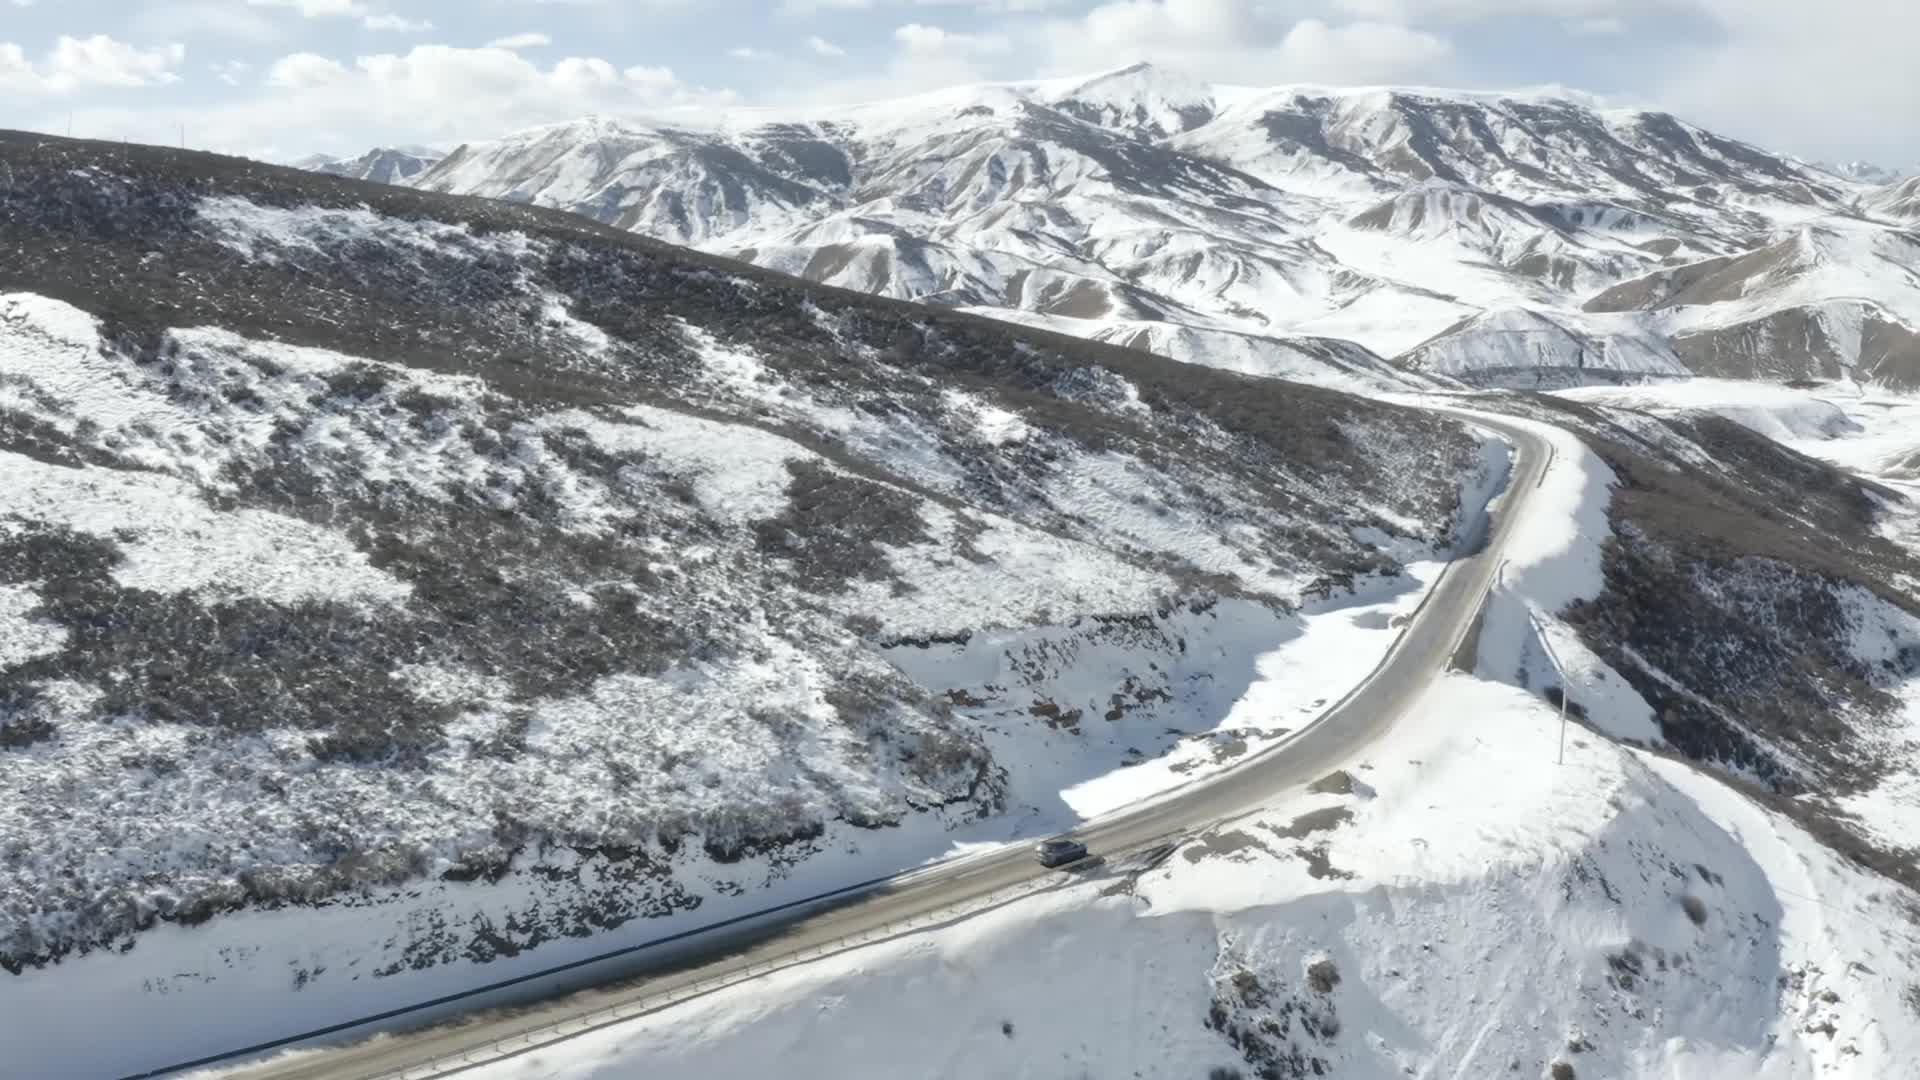 预告:川藏铁路怒江大桥修在哪里?一起去怒江无人区看看